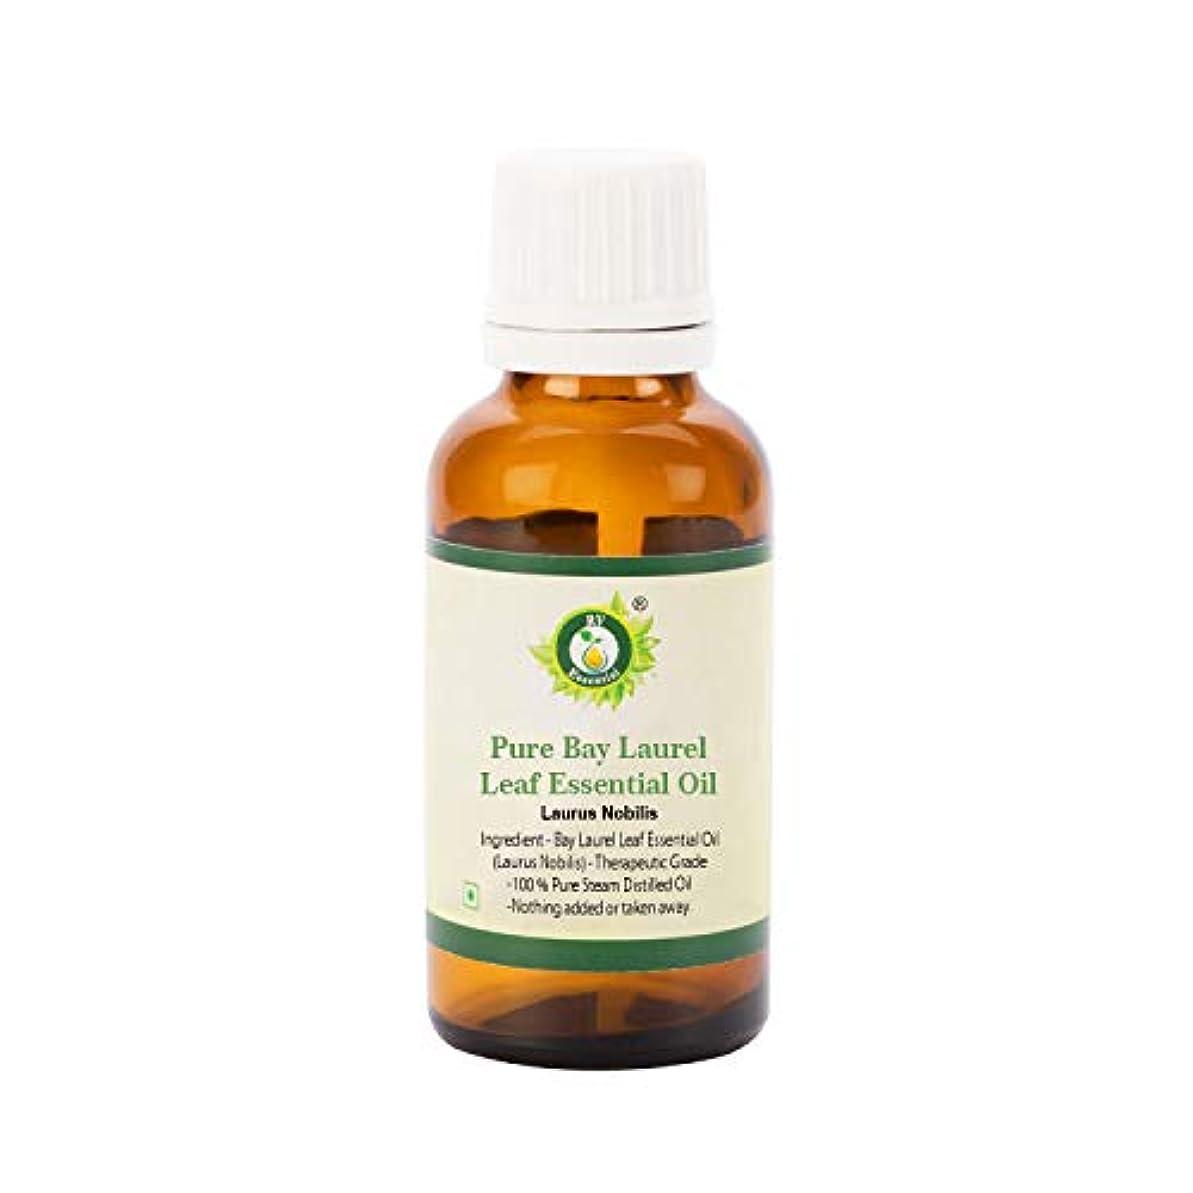 反対第二価値のないR V Essential ピュアベイローレル Leaf エッセンシャルオイル100ml (3.38oz)- Laurus Nobilis (100%純粋&天然スチームDistilled) Pure Bay Laurel Leaf Essential Oil